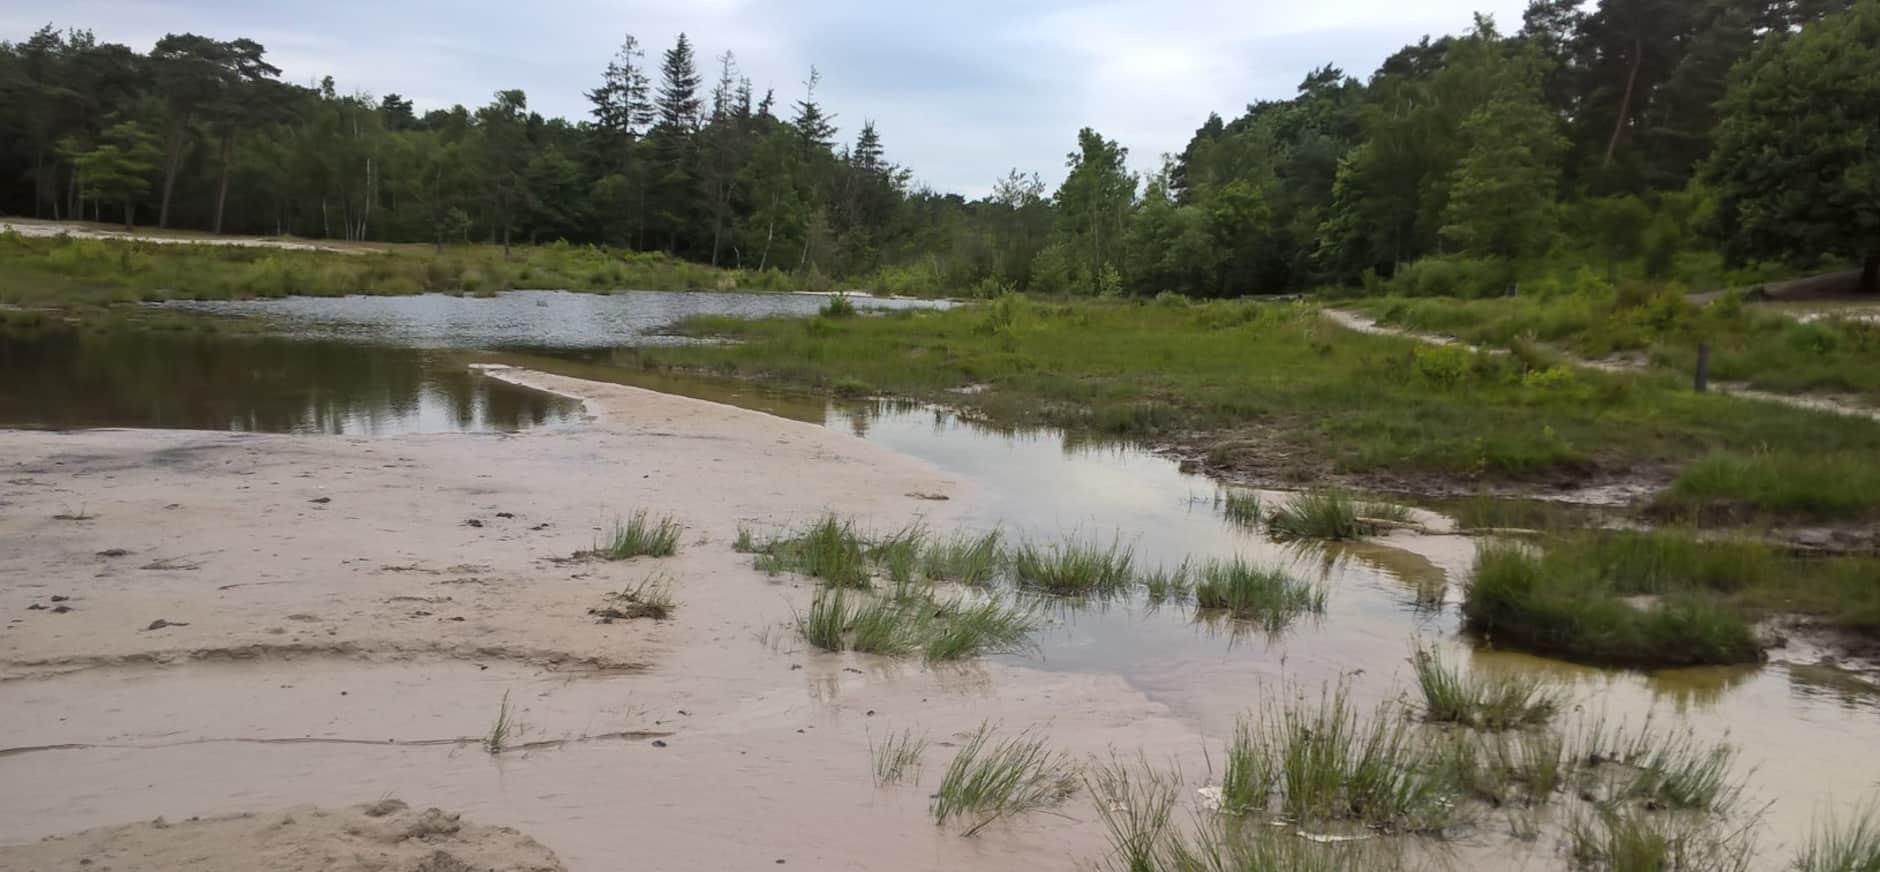 Drastische verandering rond de Roode Beek door regenval